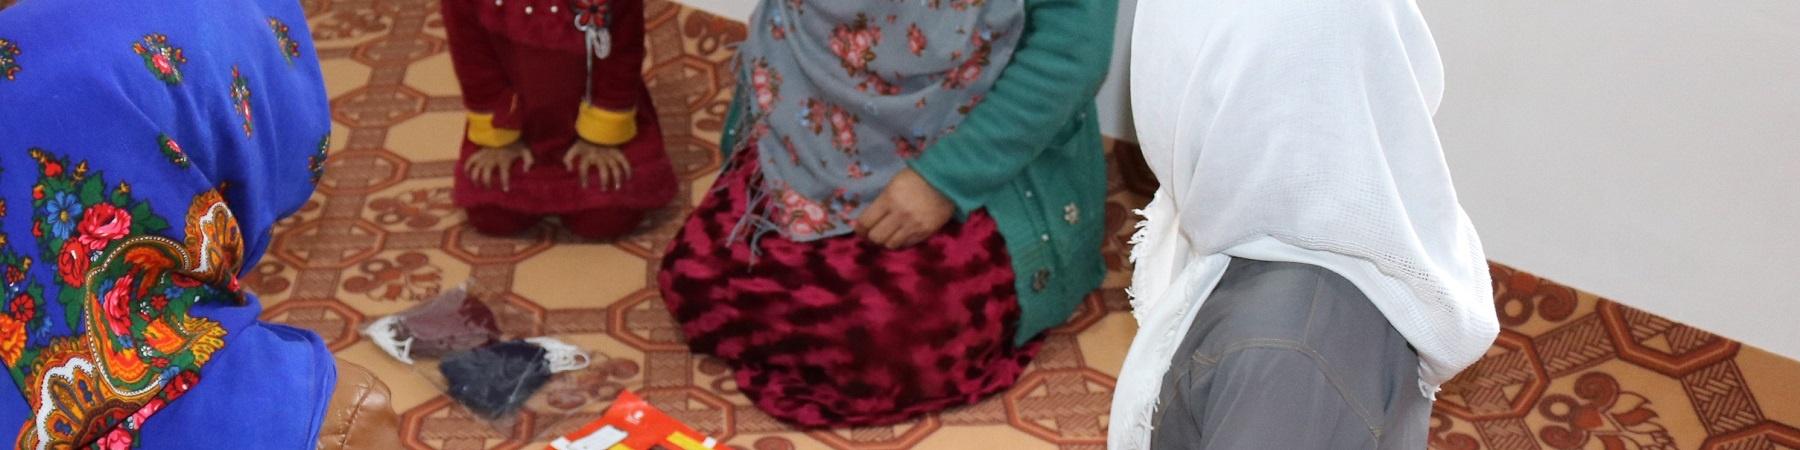 Donne di spalle riprese dall alto sono sedute a terra in circolo e indossano vestiti tradizionali afghani.